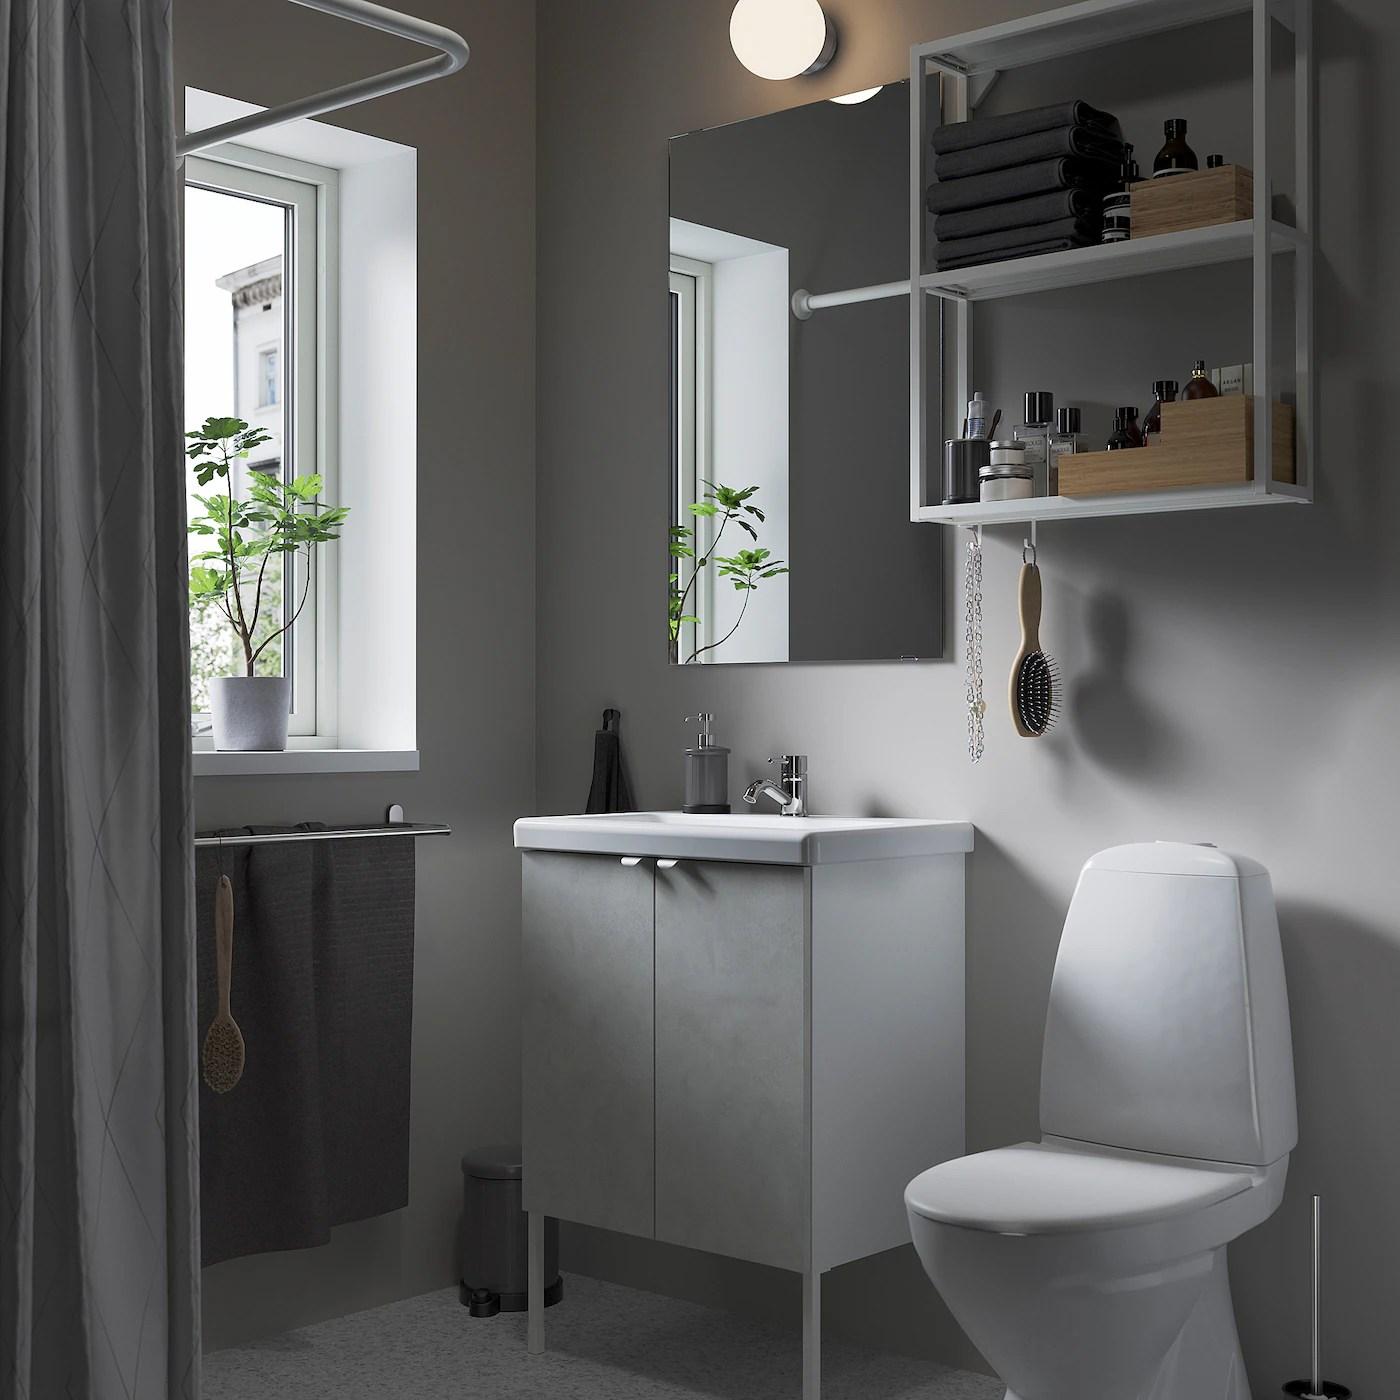 Enhet Tvallen Mobilier Salle De Bain 11 Pieces Imitation Ciment Blanc Pilkan Mitigeur Lavabo Ikea